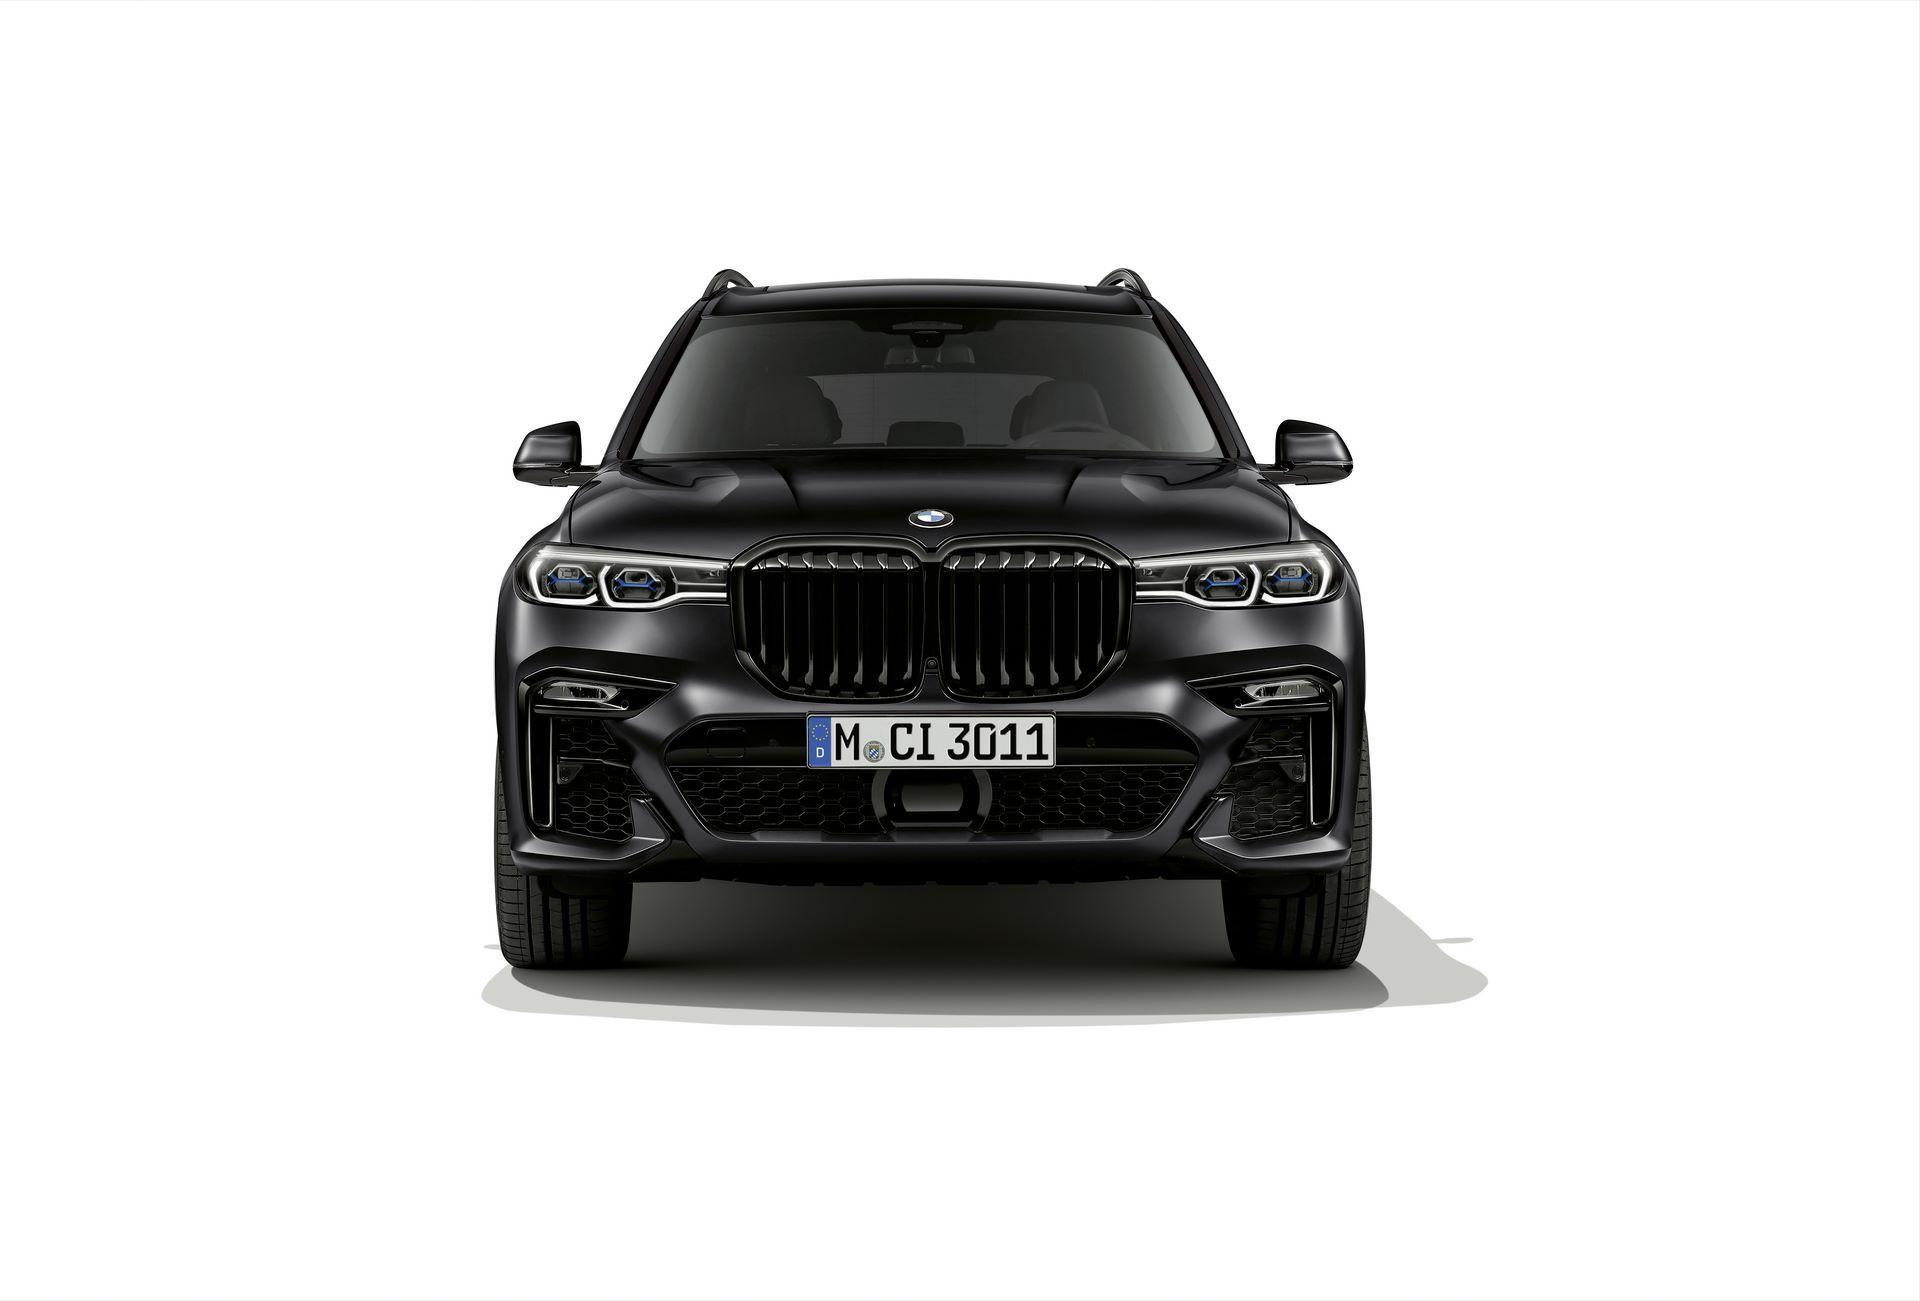 BMW-X5-Χ6-Black-Vermilion-X7-Limited-Edition-47